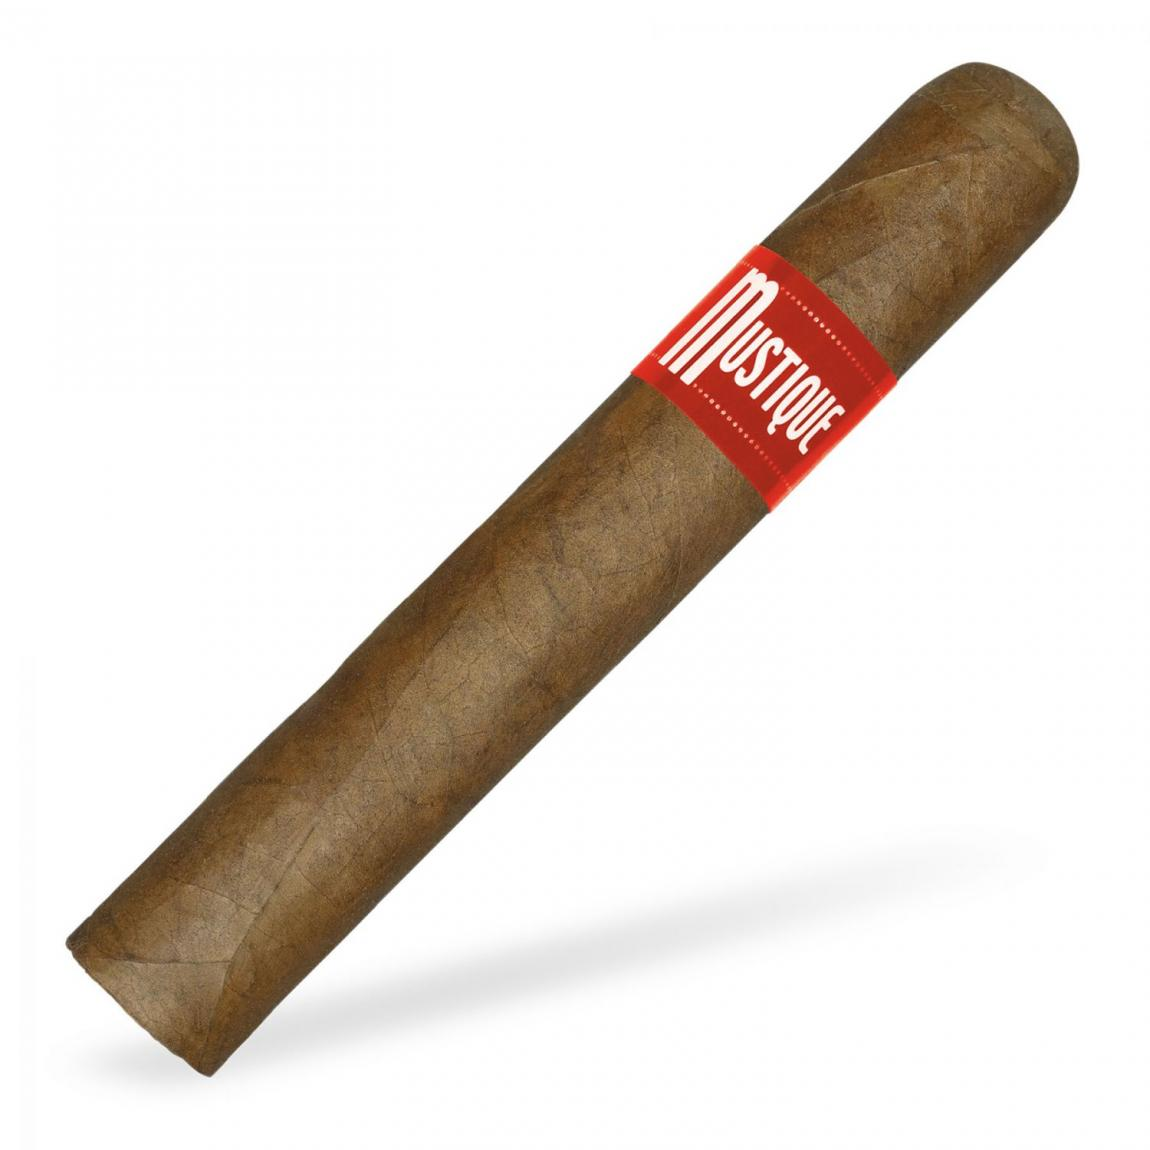 Mustique Red »Robustos« 10er Bundle